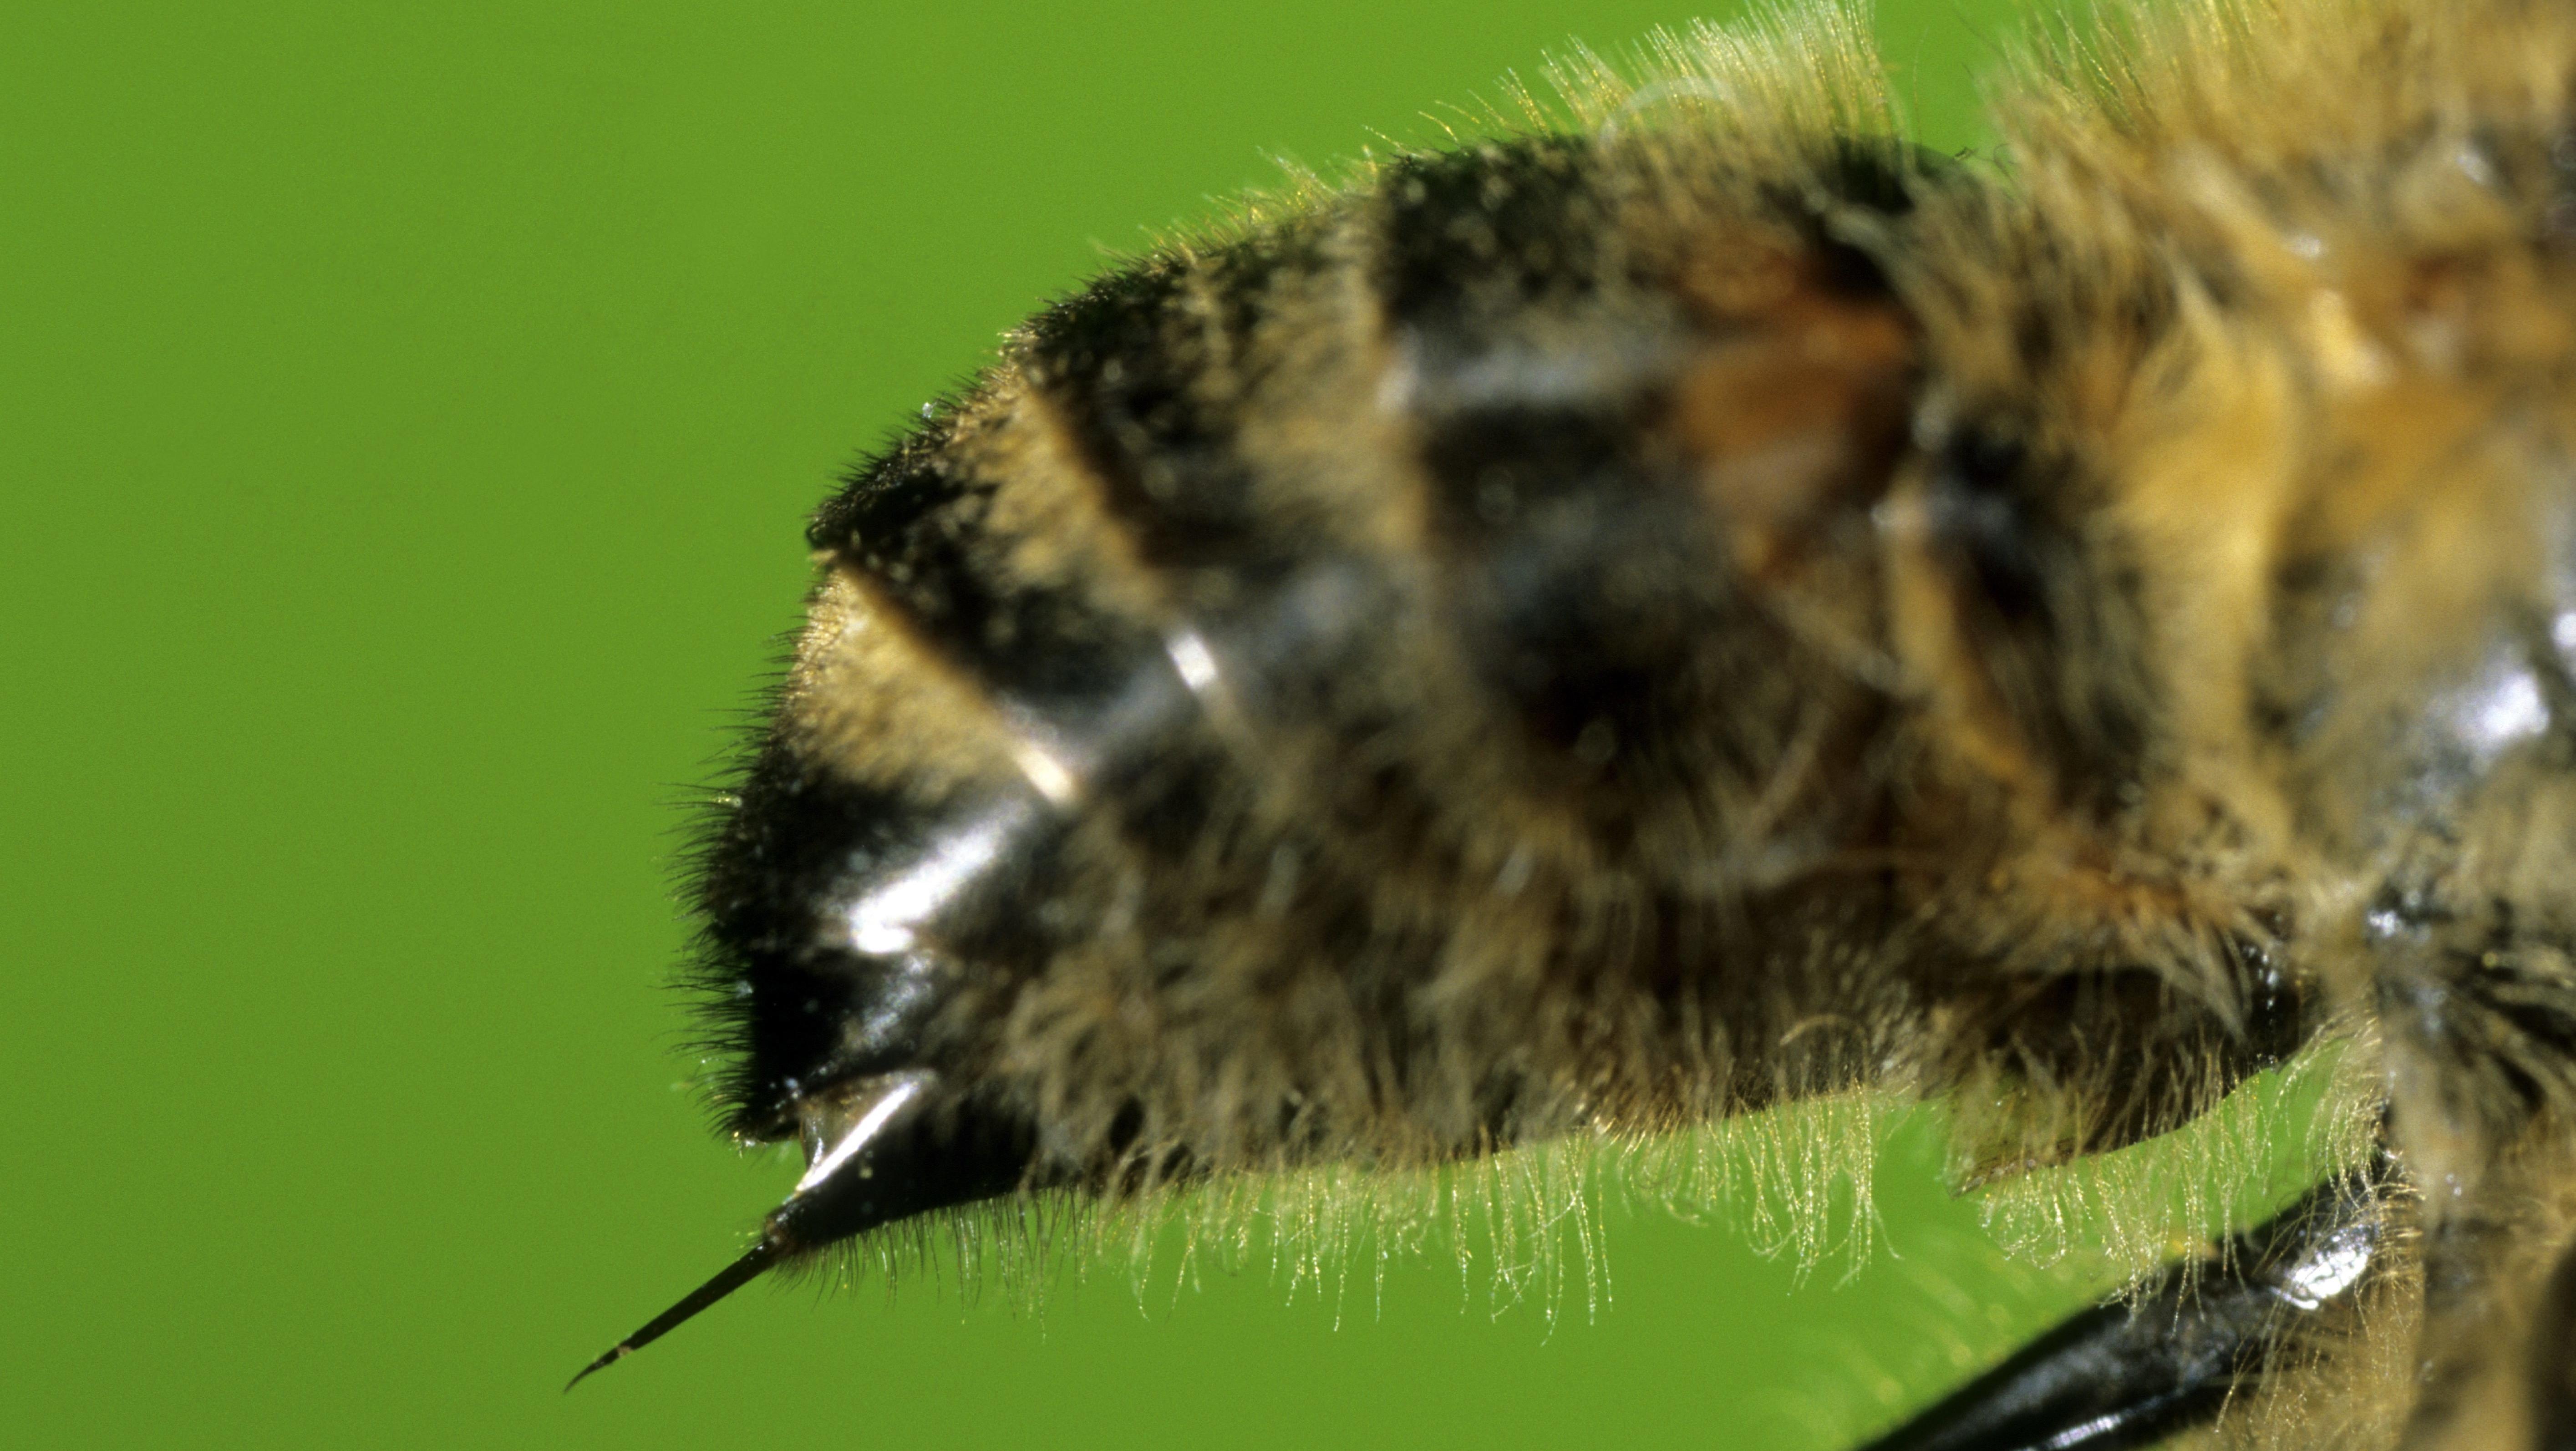 Honigbiene mit Giftstachel